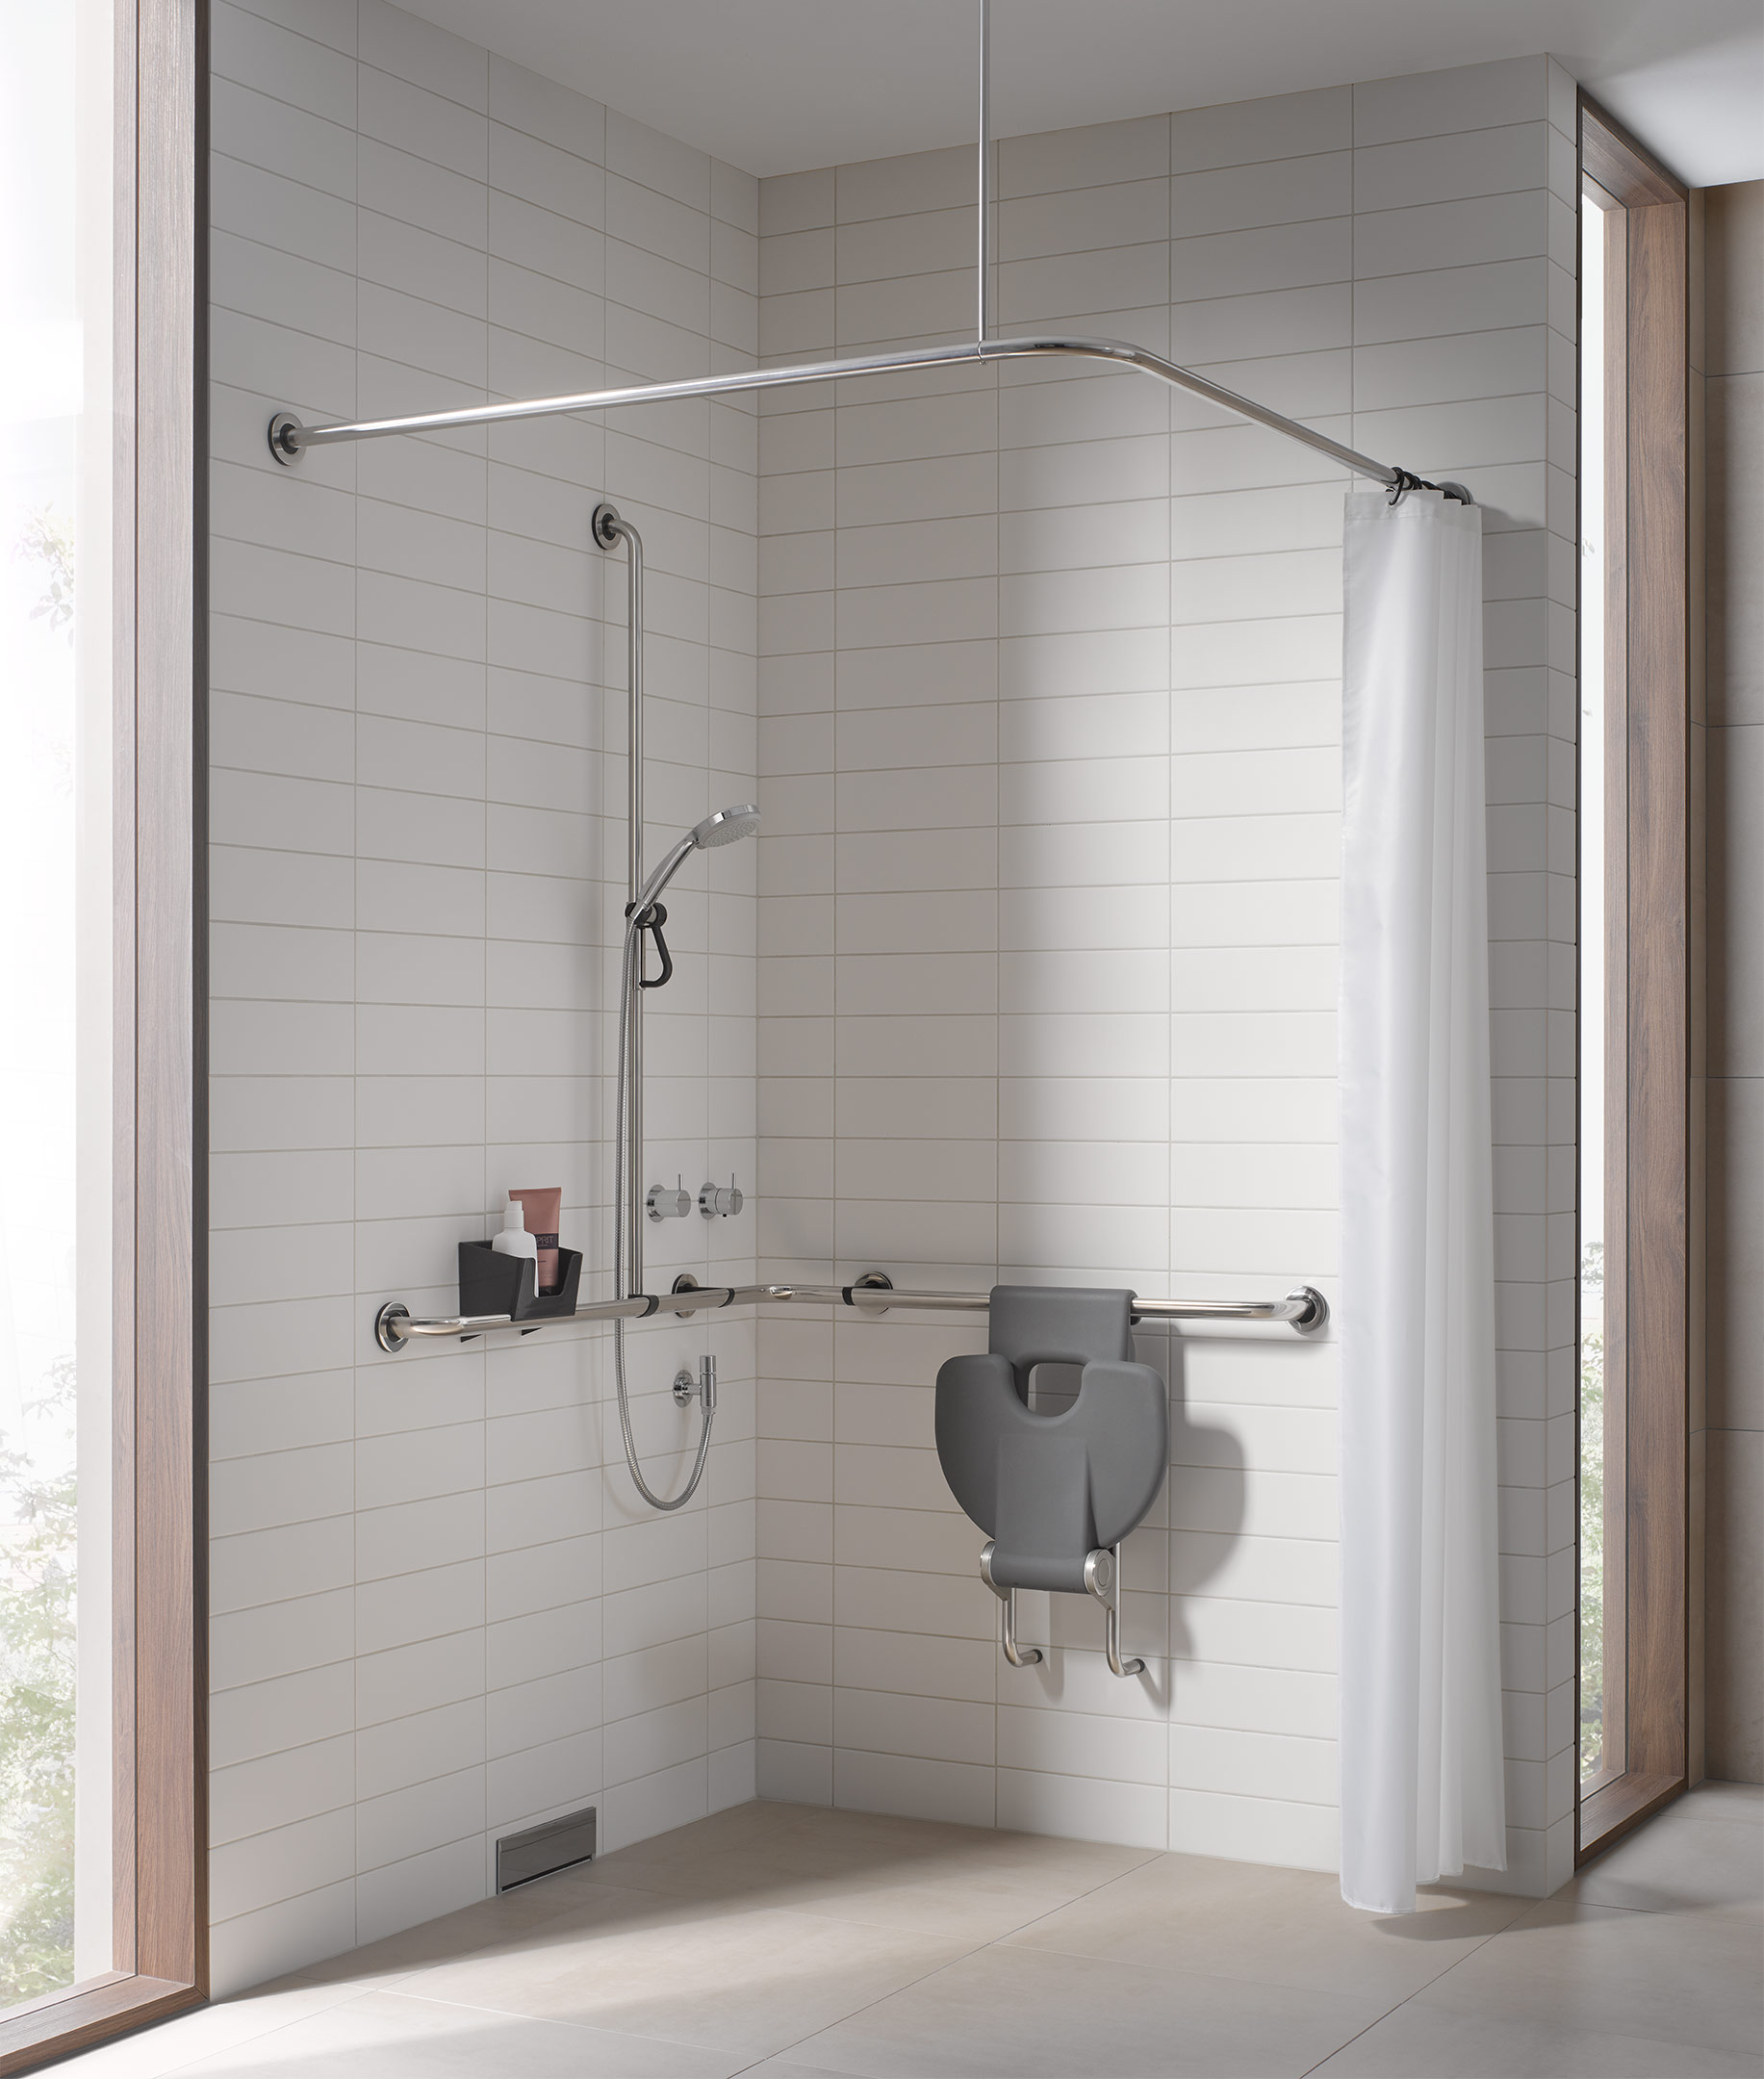 Full Size of Haltegriff Dusche Krankenkasse Saugnapf Hornbach Grohe Test Fsb Ergosystem E300 Einbauen Moderne Duschen Einhebelmischer Glastrennwand Walkin Bodengleiche Dusche Haltegriff Dusche